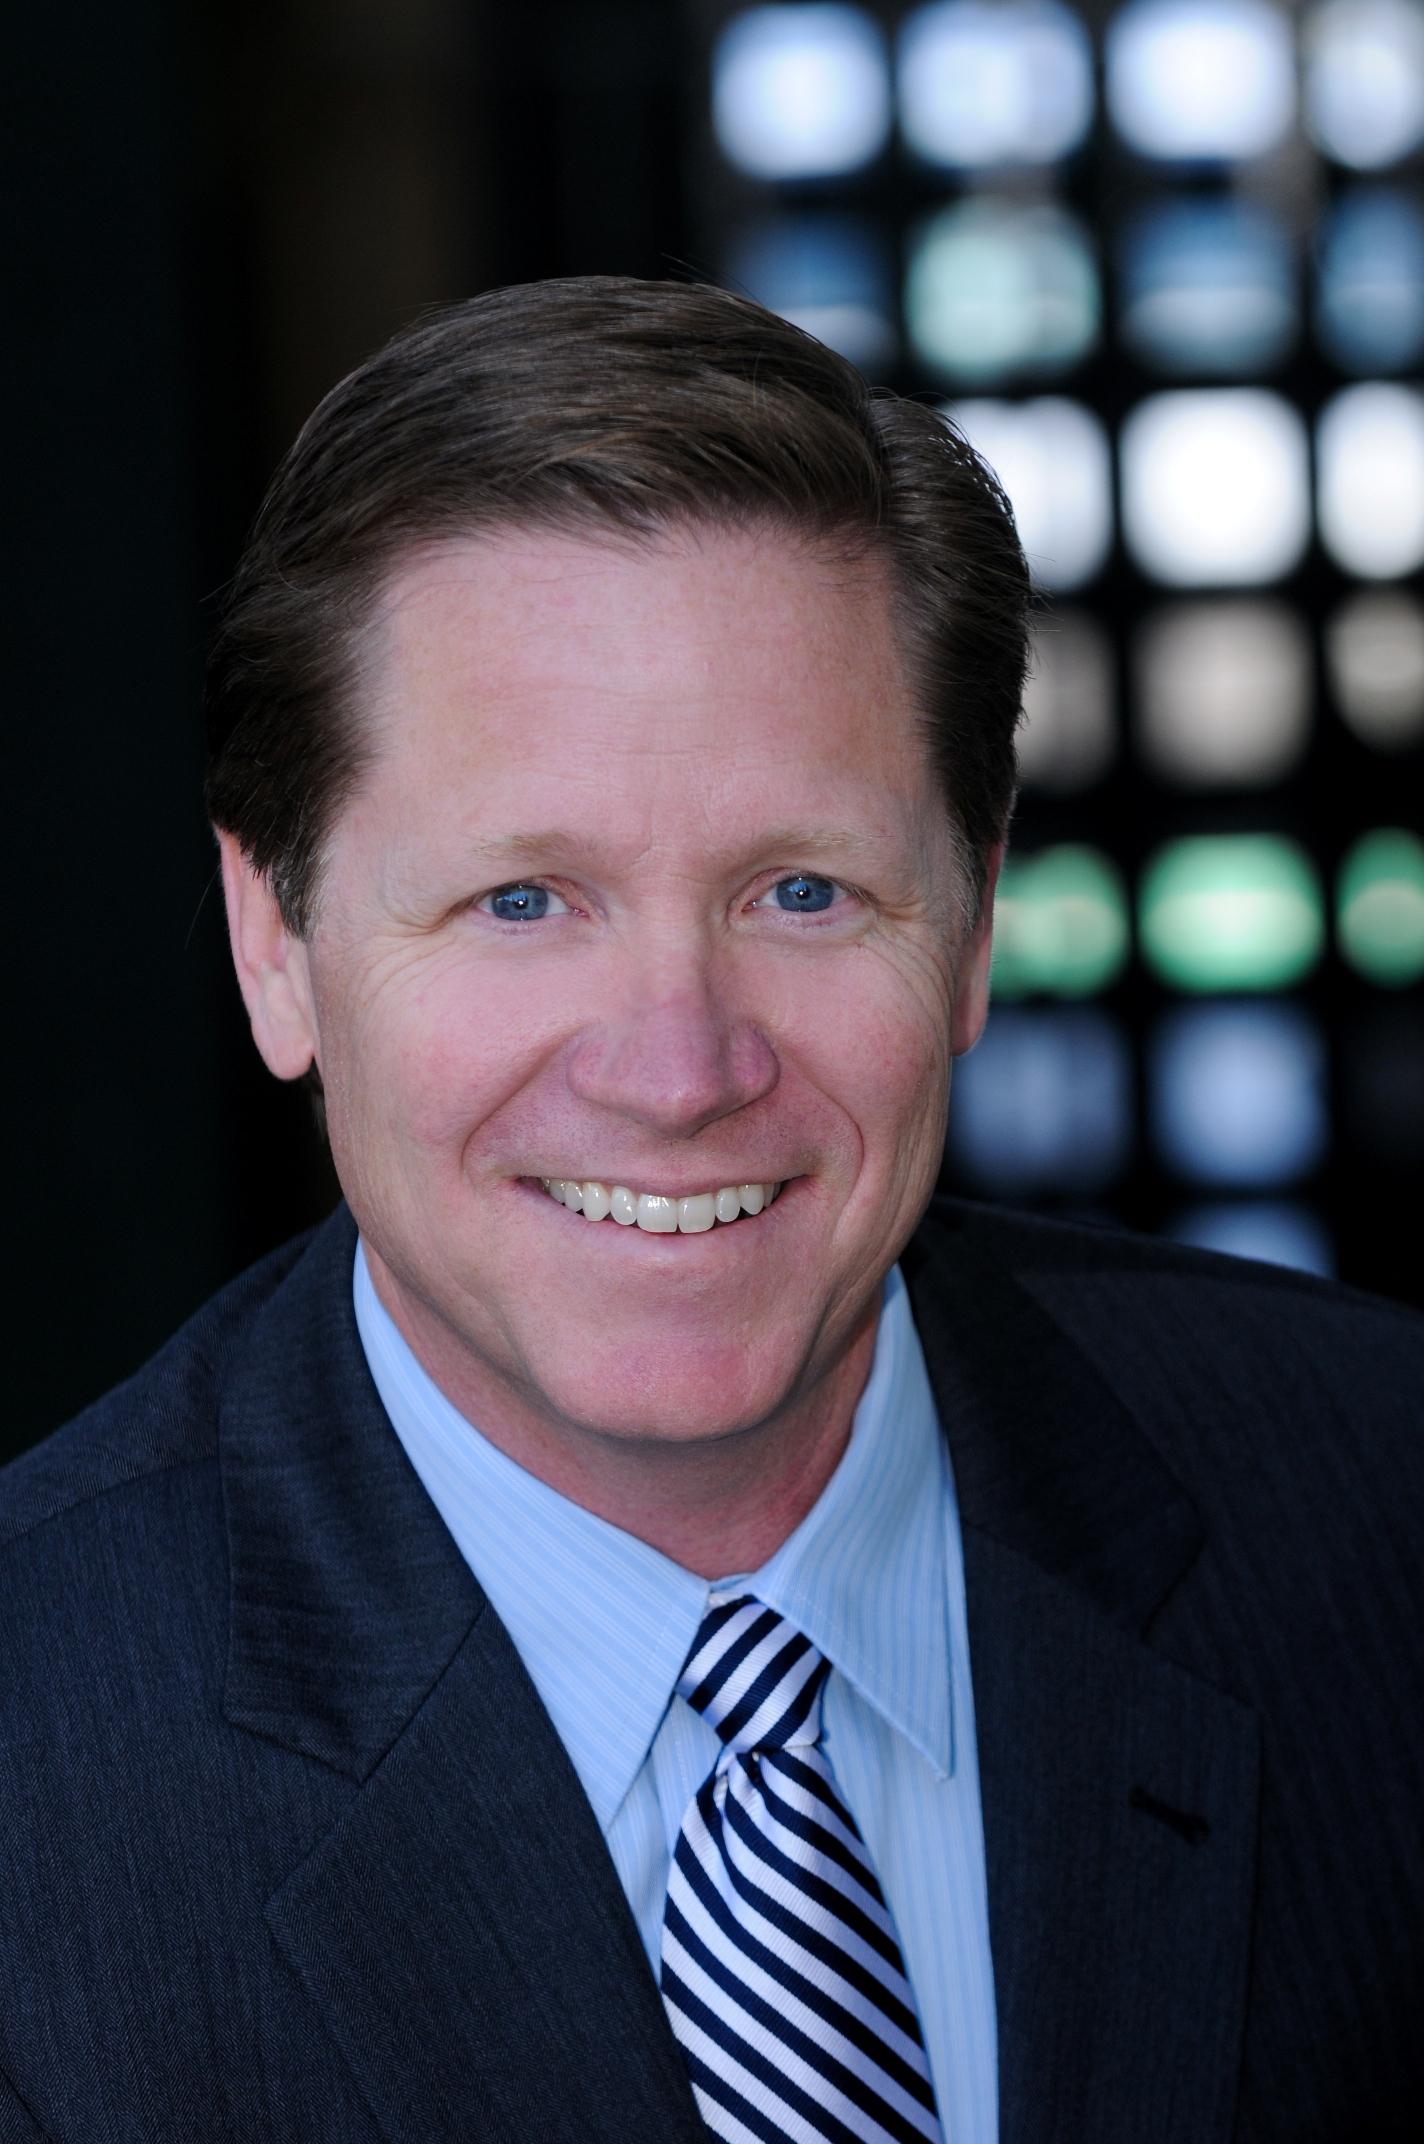 Patrick Preniville